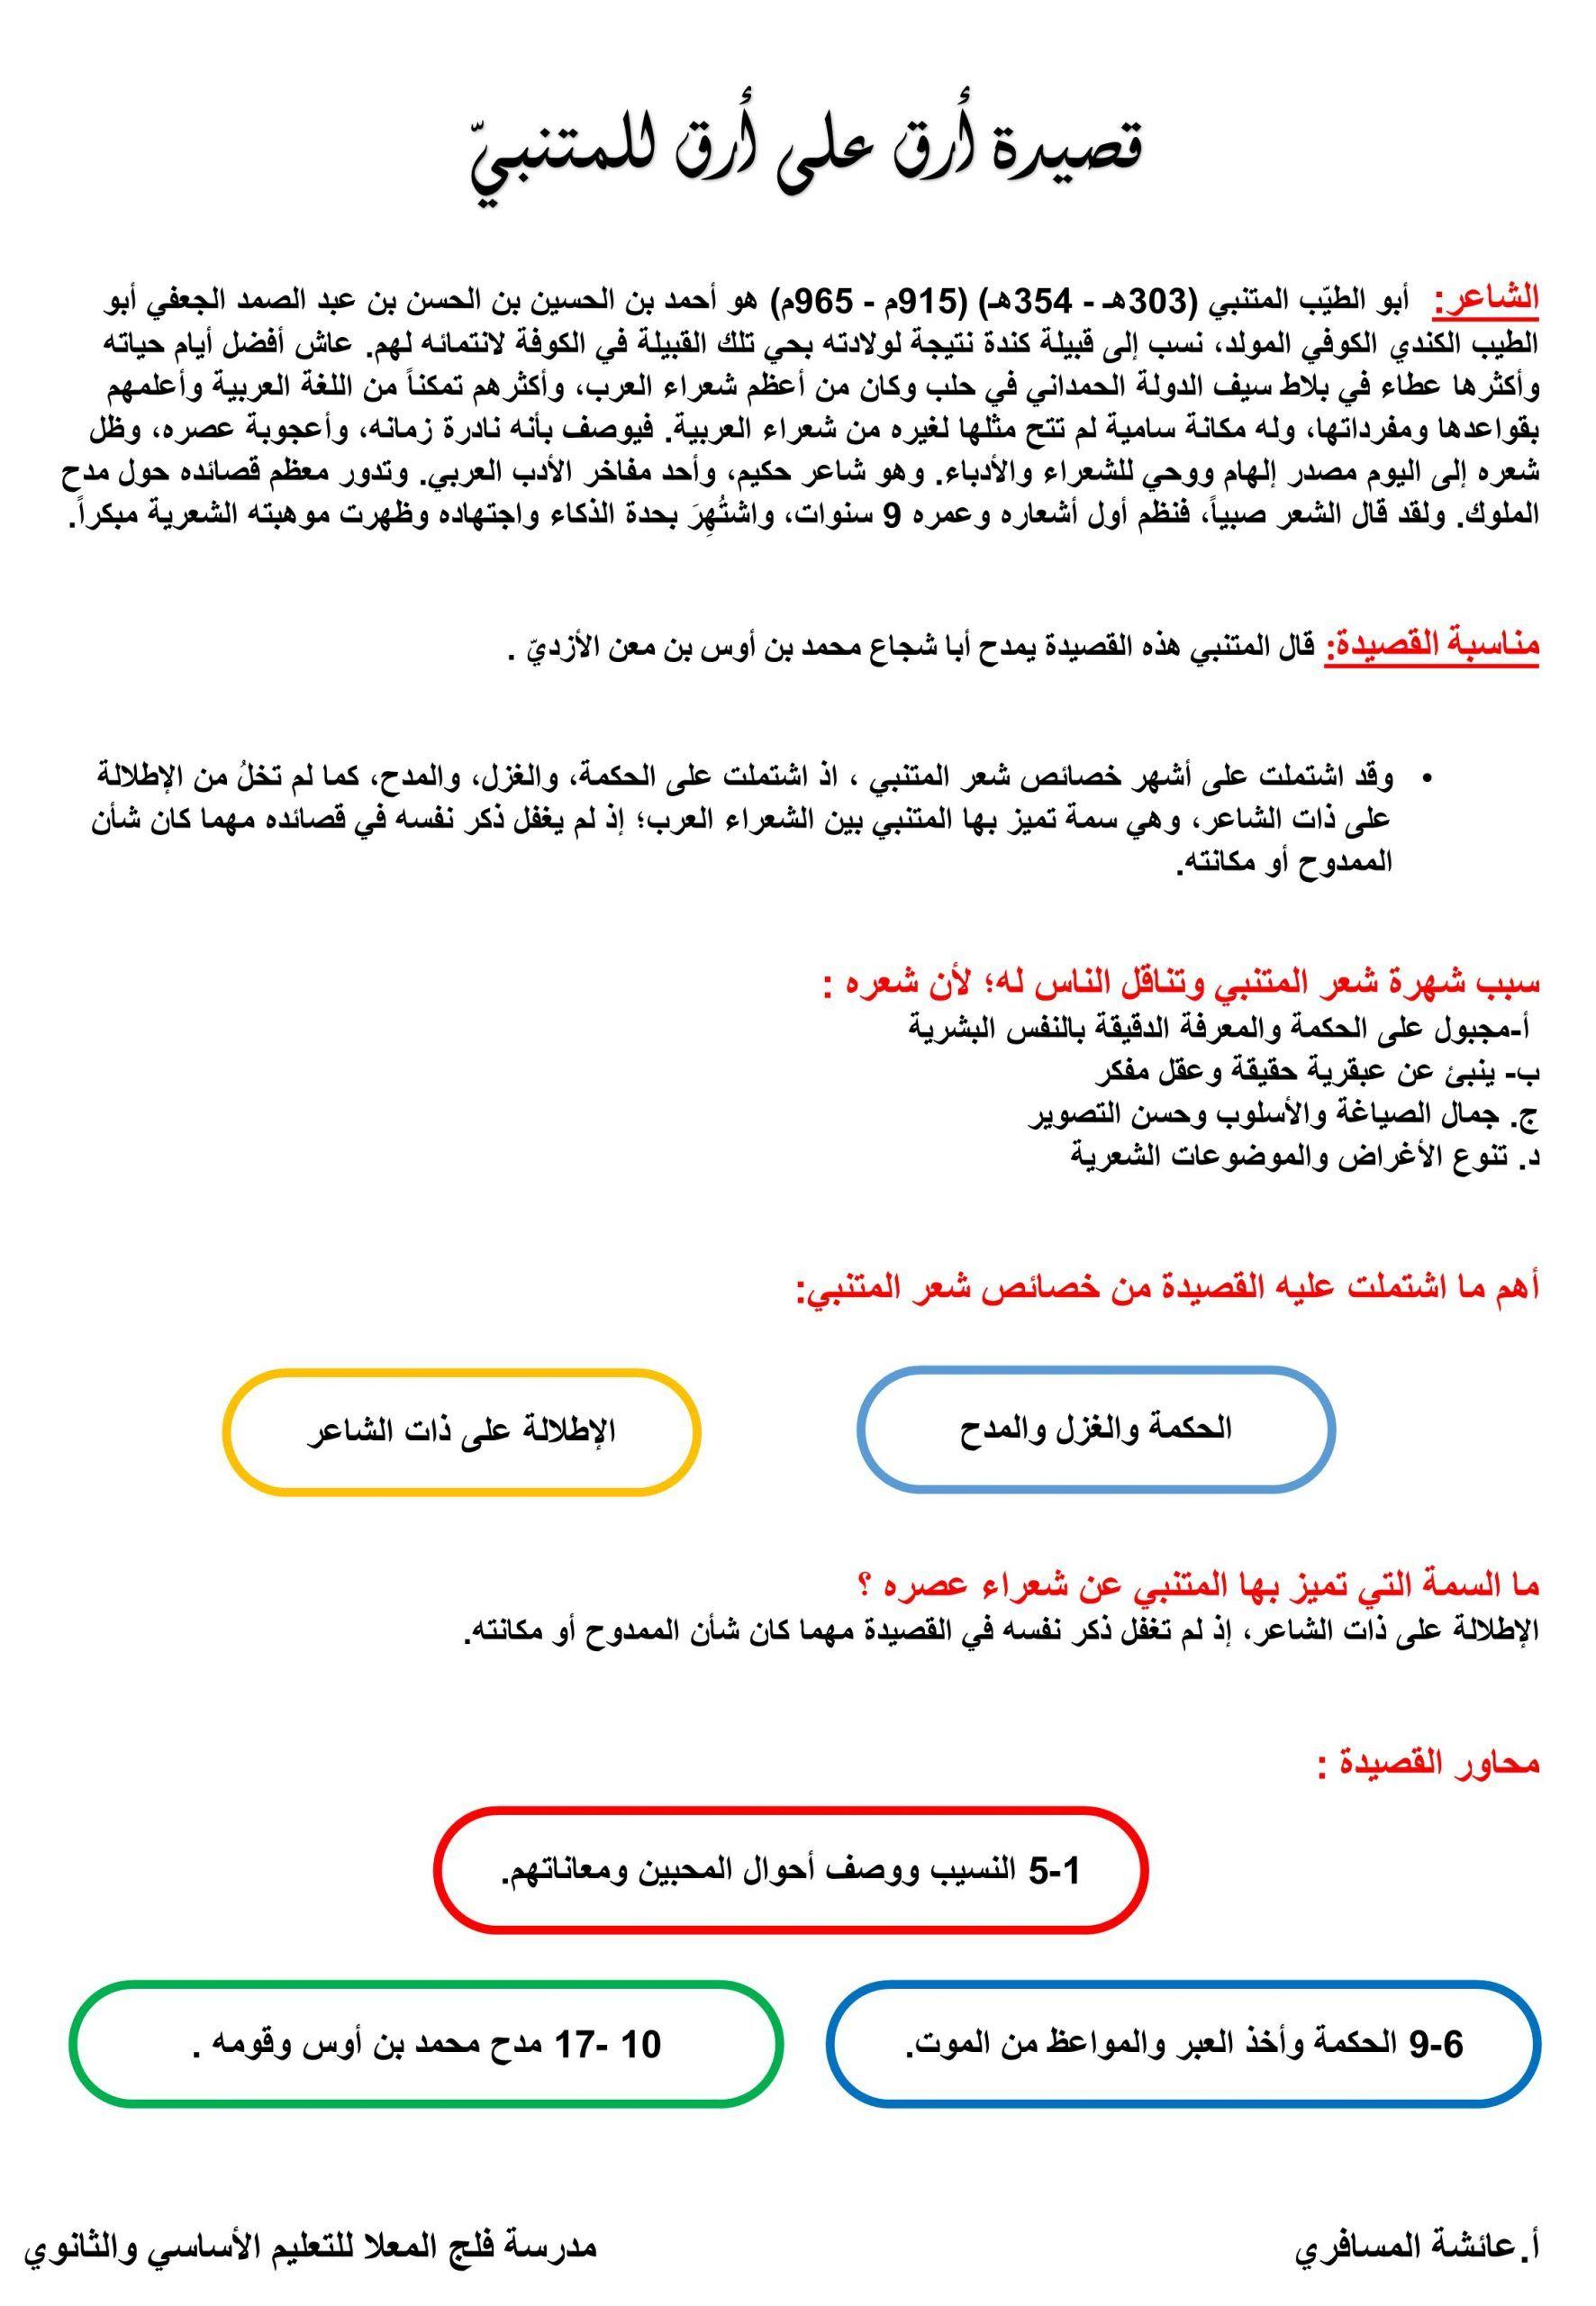 تحليل درس قصيدة ارق على ارق للصف الثاني عشر مادة اللغة العربية